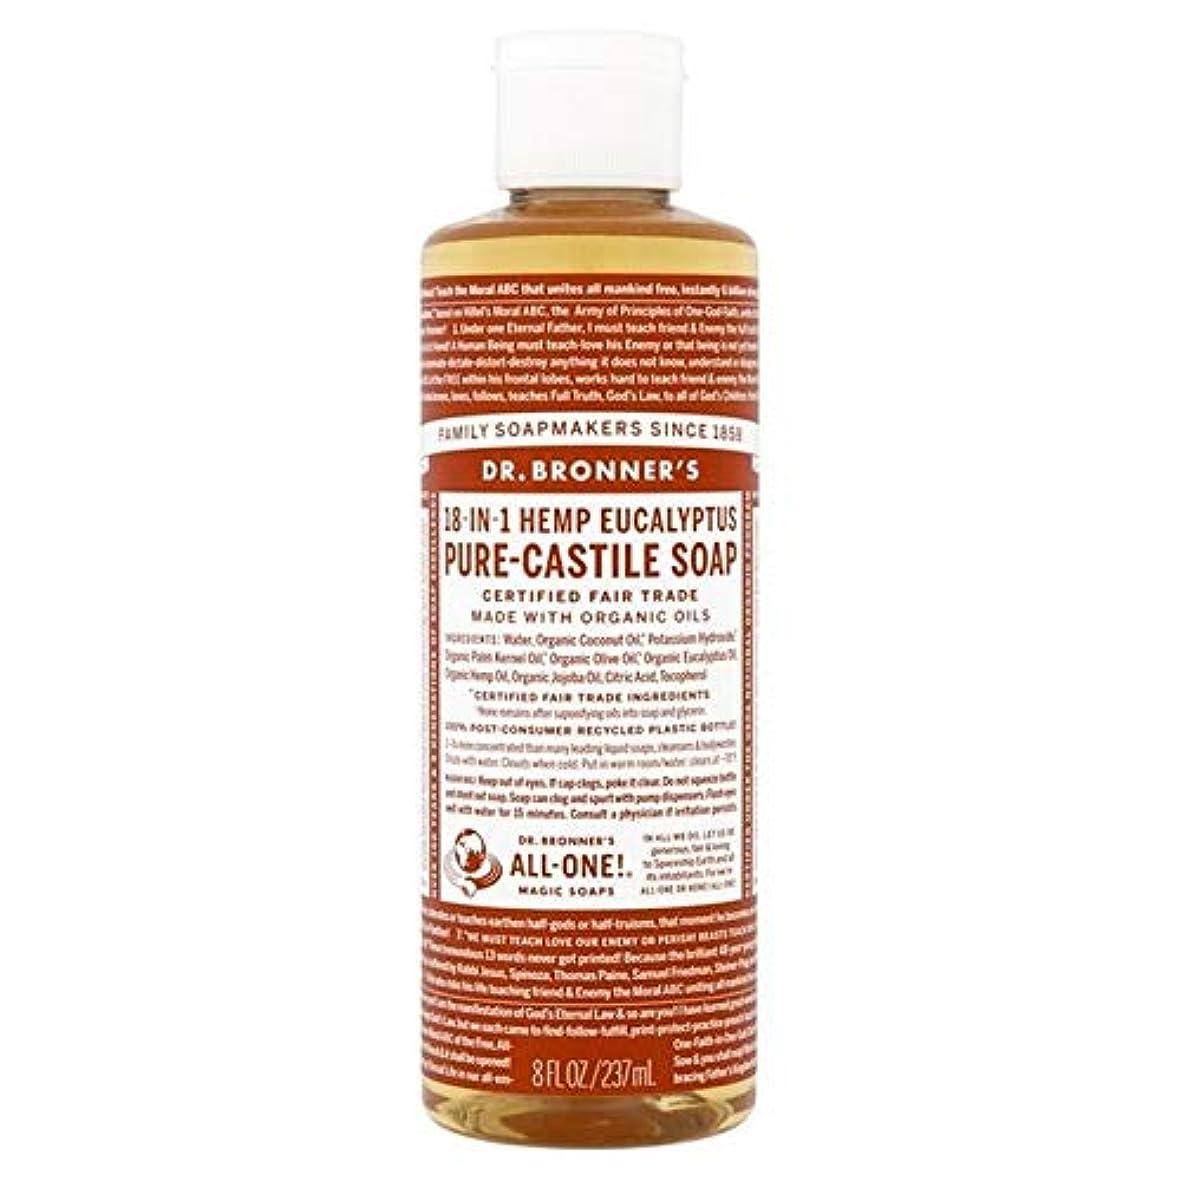 大佐ガラガラ配置[Dr Bronner] Dr。ブロナーズ有機ユーカリの純粋な-カスティーリャ液体石鹸237ミリリットル - Dr. Bronner's Organic Eucalyptus Pure-Castile Liquid Soap...